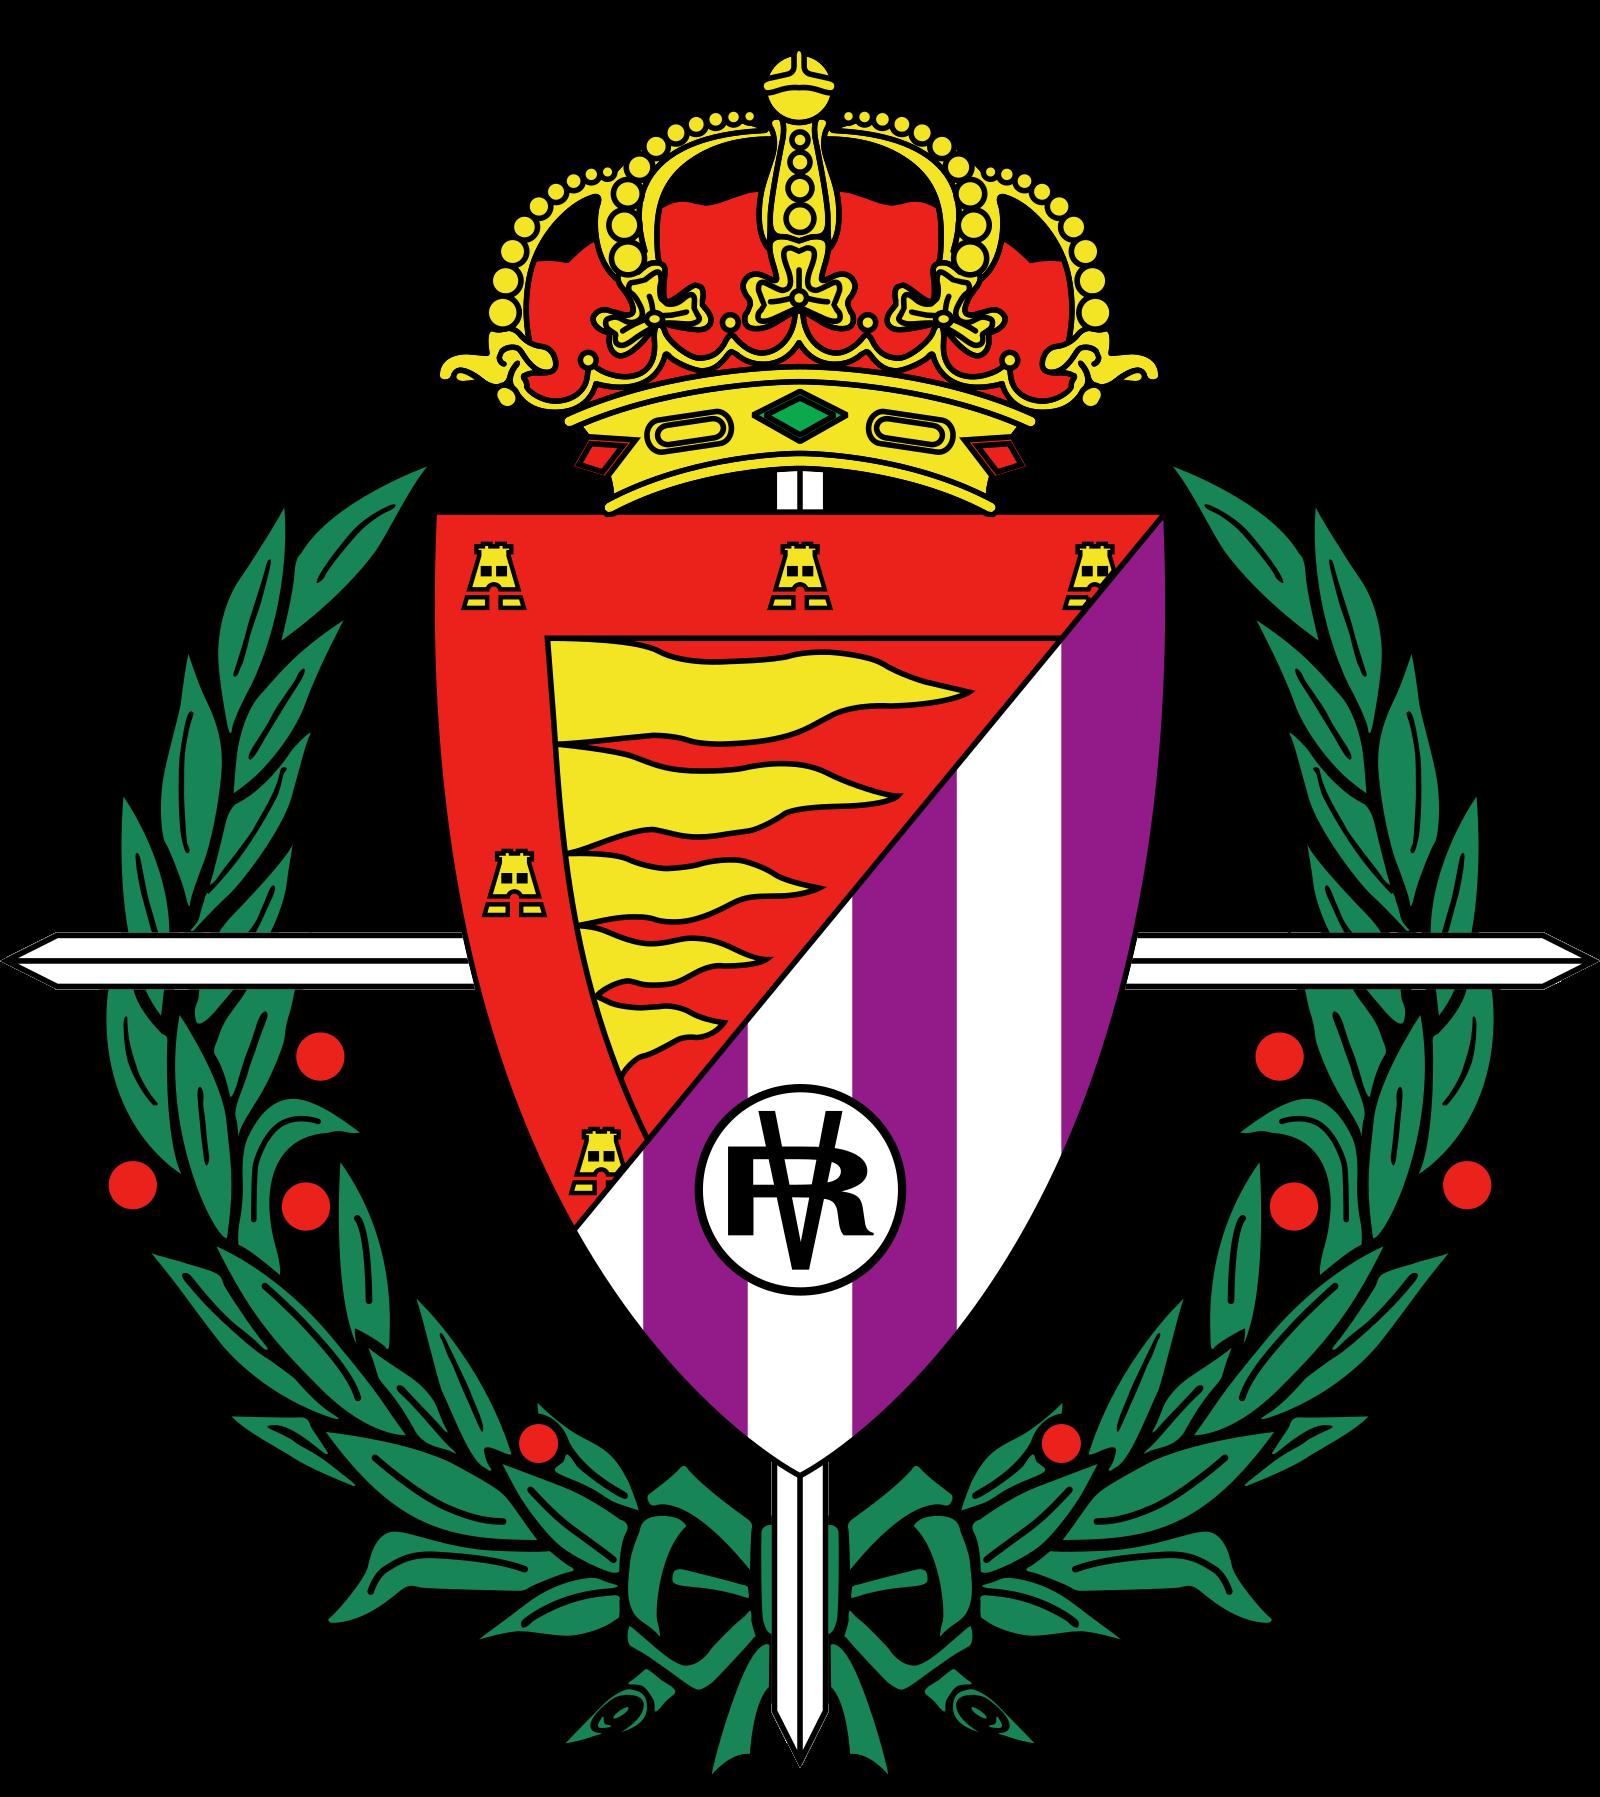 real valladolid logo escudo 2 - Real Valladolid Logo - Real Valladolid Club de Fútbol Escud